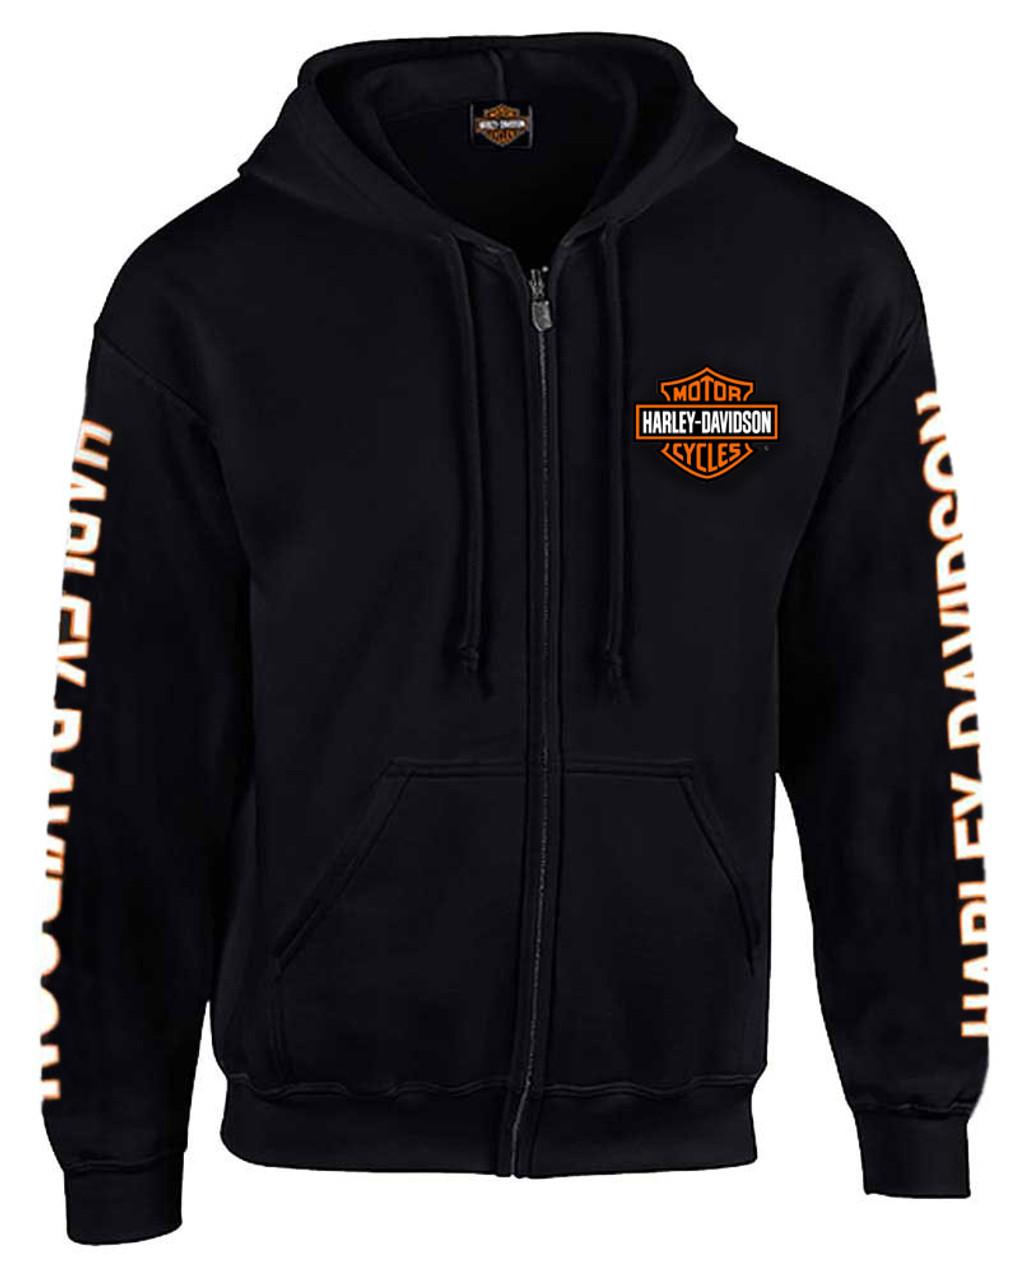 Bar /& Shield Zip Black Hoodie 30299142 Harley-Davidson Mens Hooded Sweatshirt